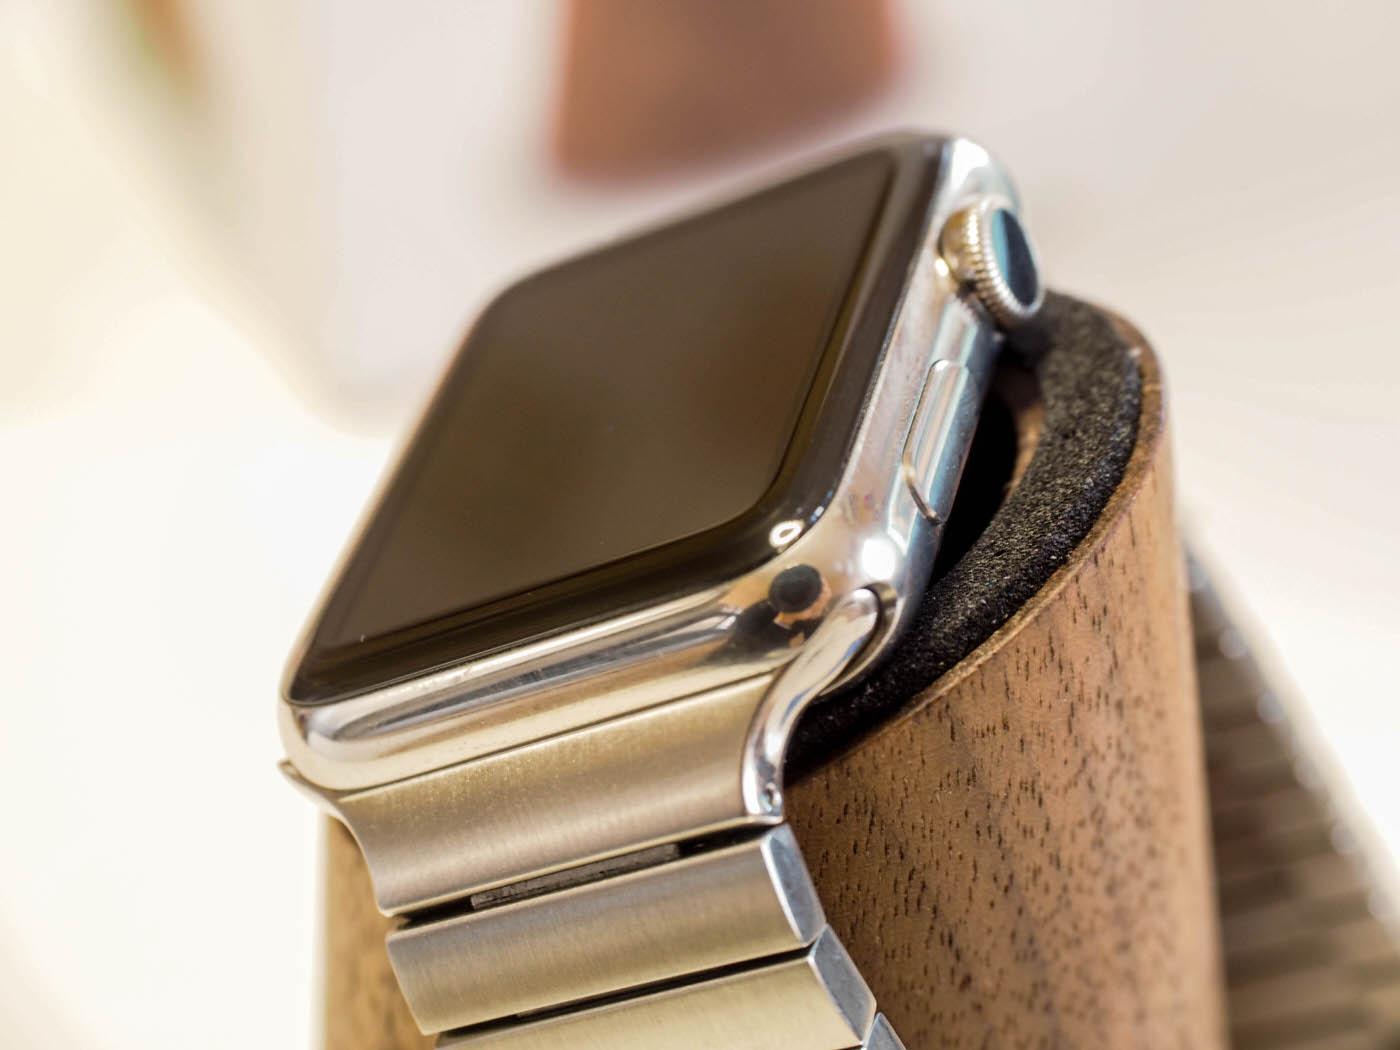 Ecco un dettaglio di come trattiene Apple Watch